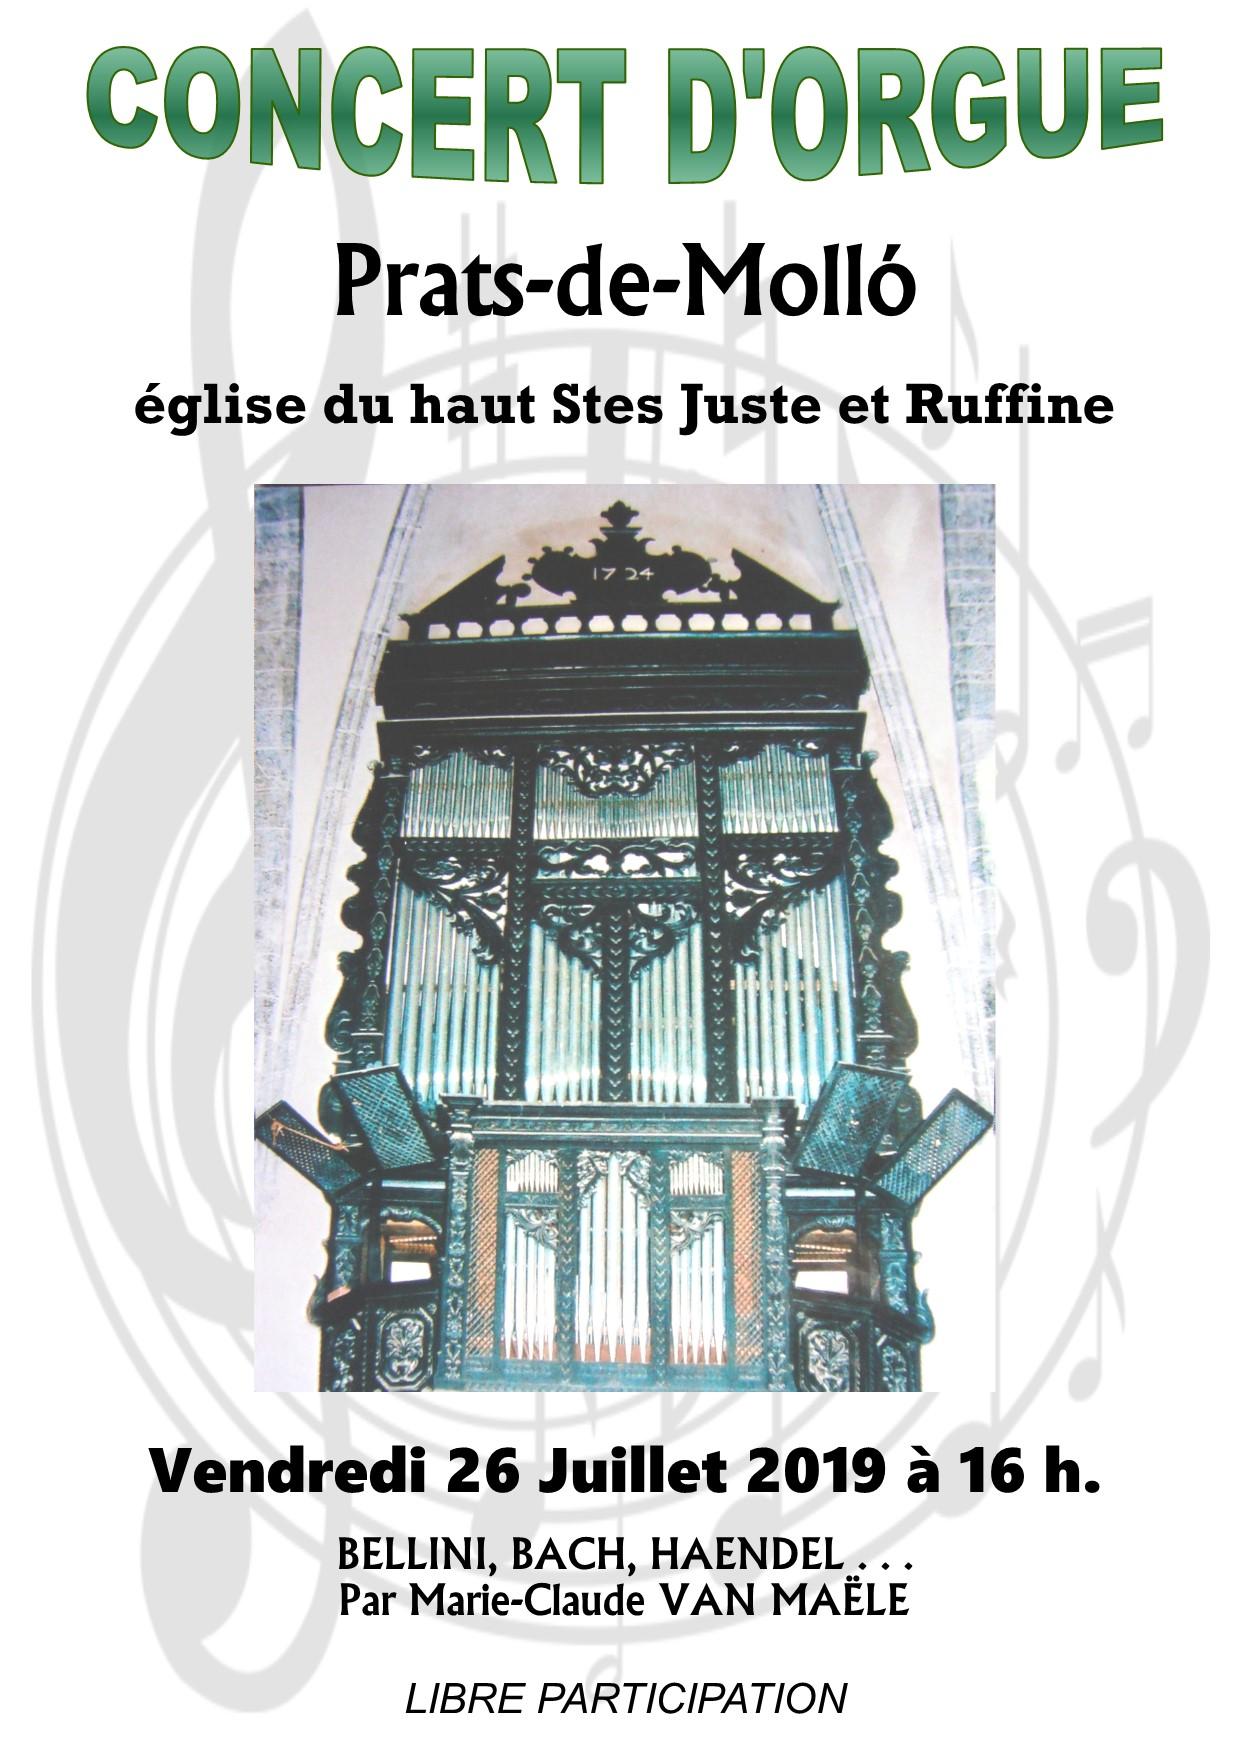 Concert d'orgues